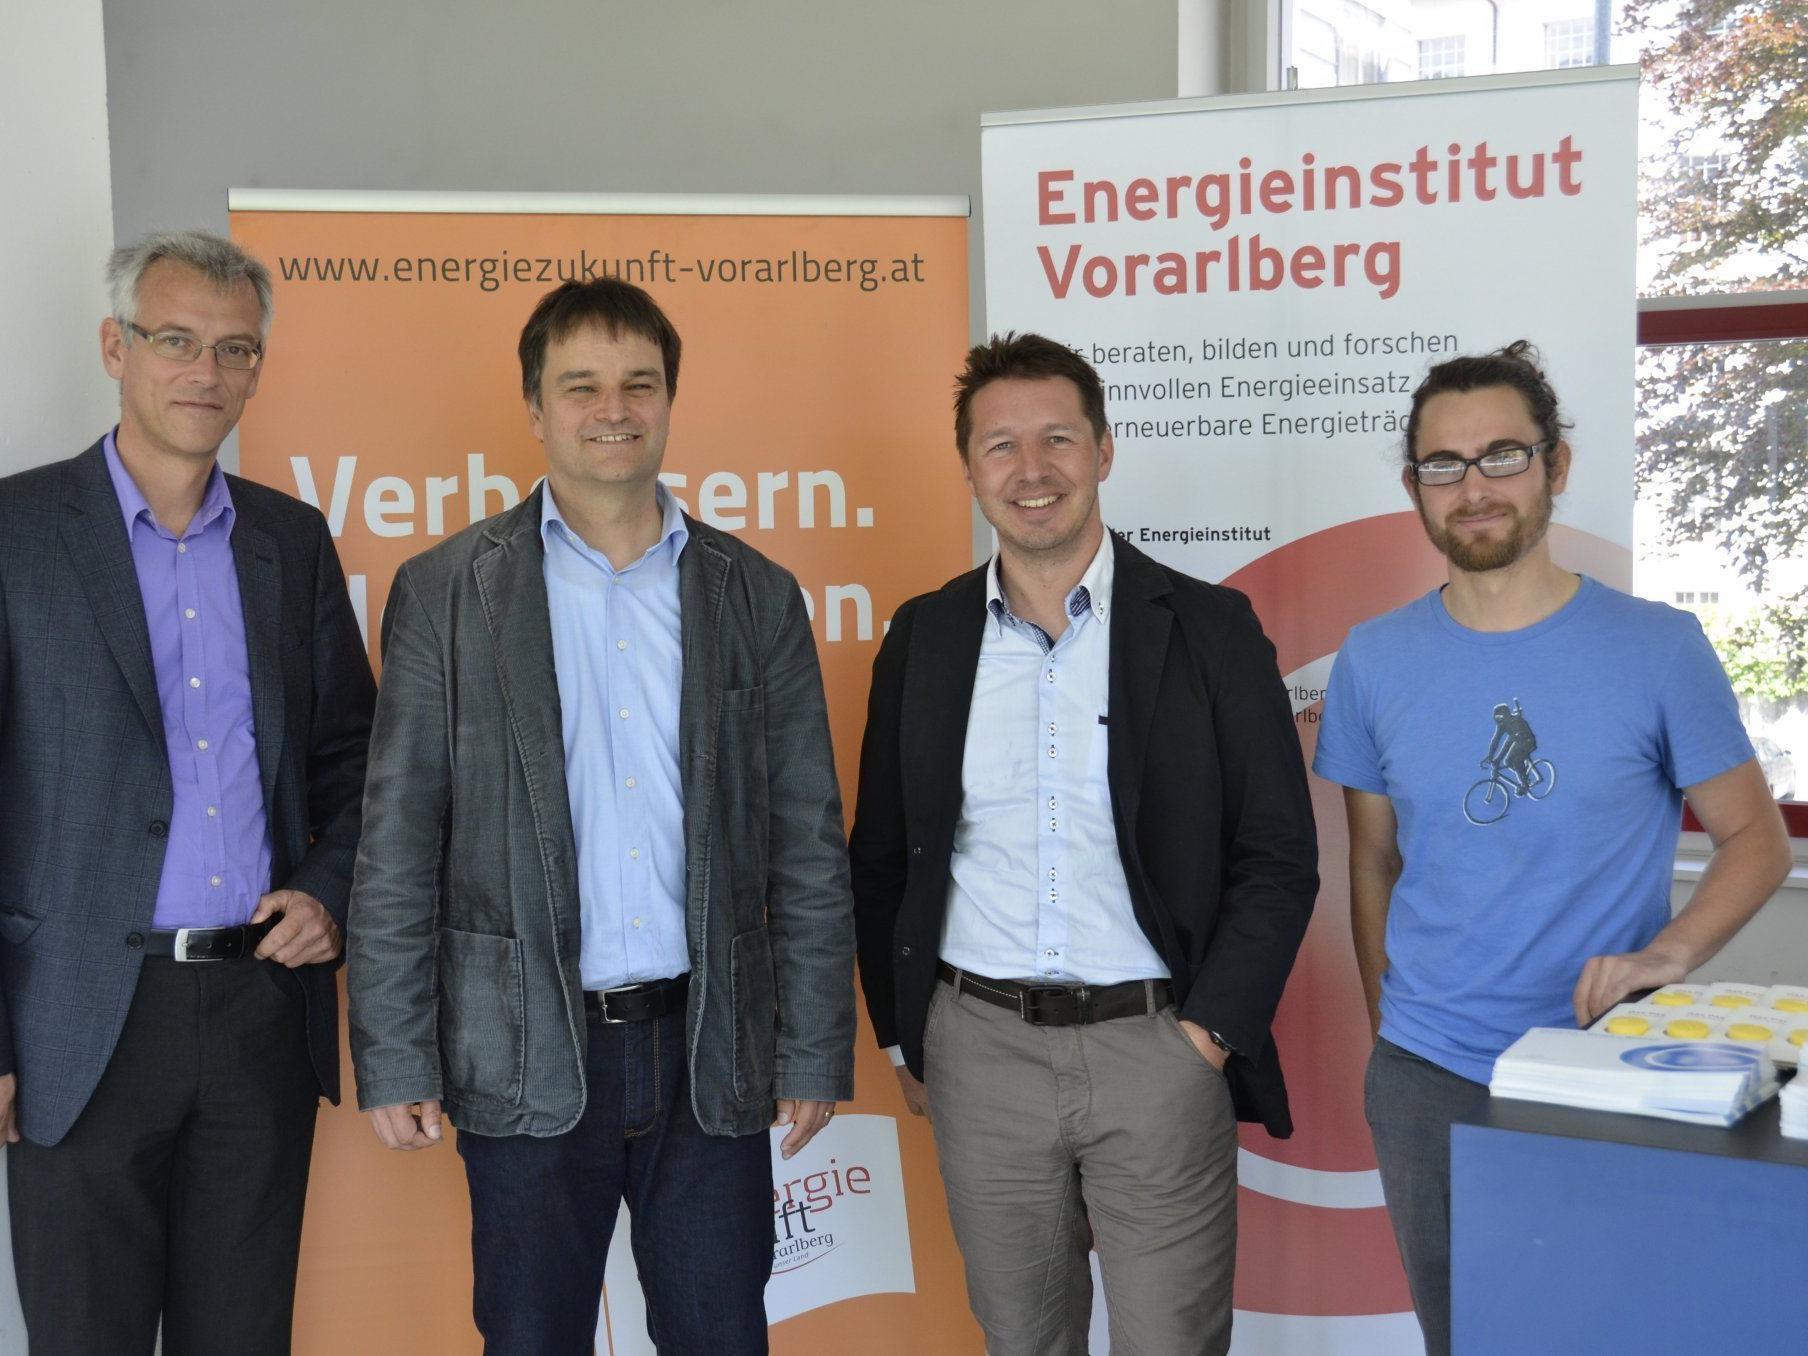 Josef Burtscher/Geschäftsführer des Energieinstitut Vorarlberg, Martin Ploss/Energieinstitut Vorarlberg, Elmar Draxl/Neue Heimat Tirol, David Frick/TU Graz